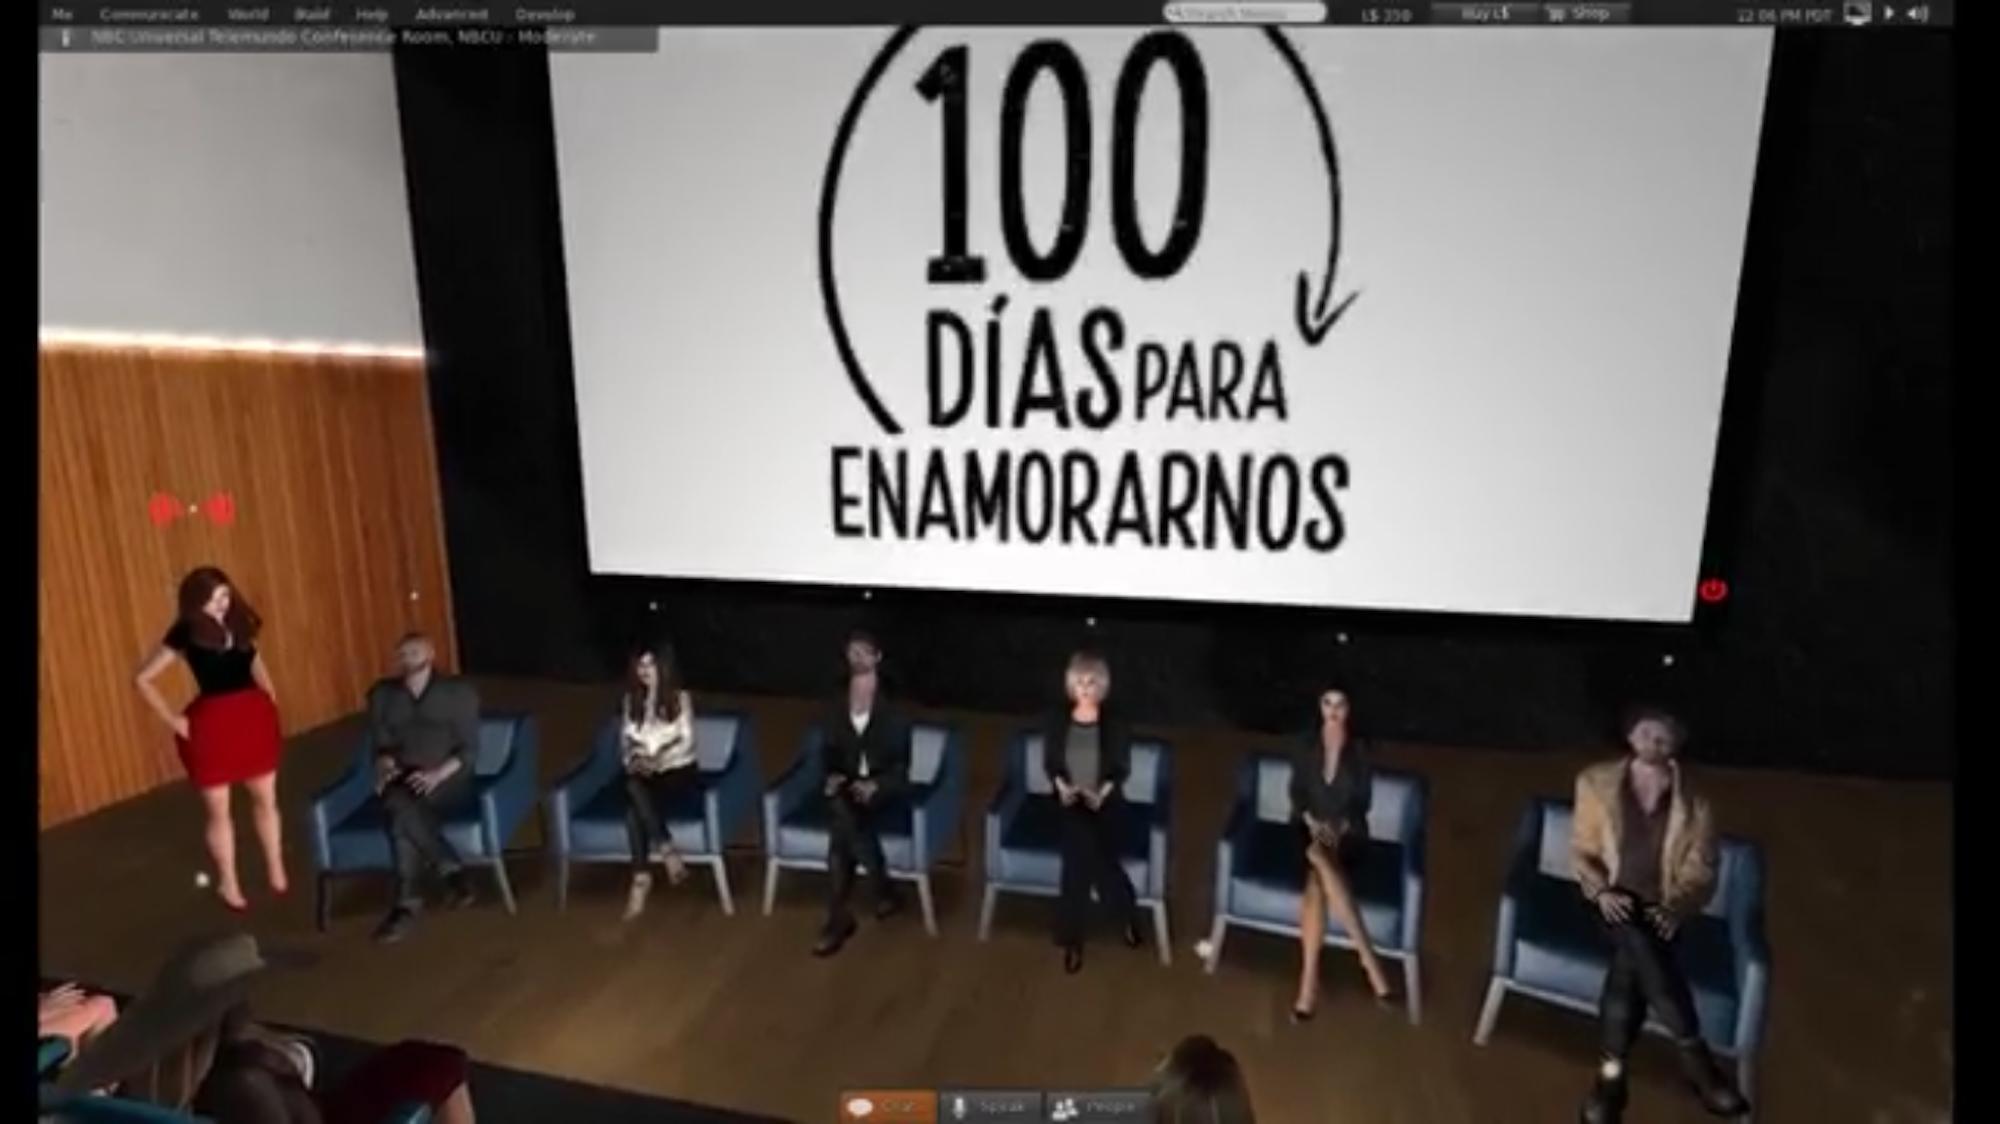 Avatares de los protagonistas de 100 días para enamorarnos